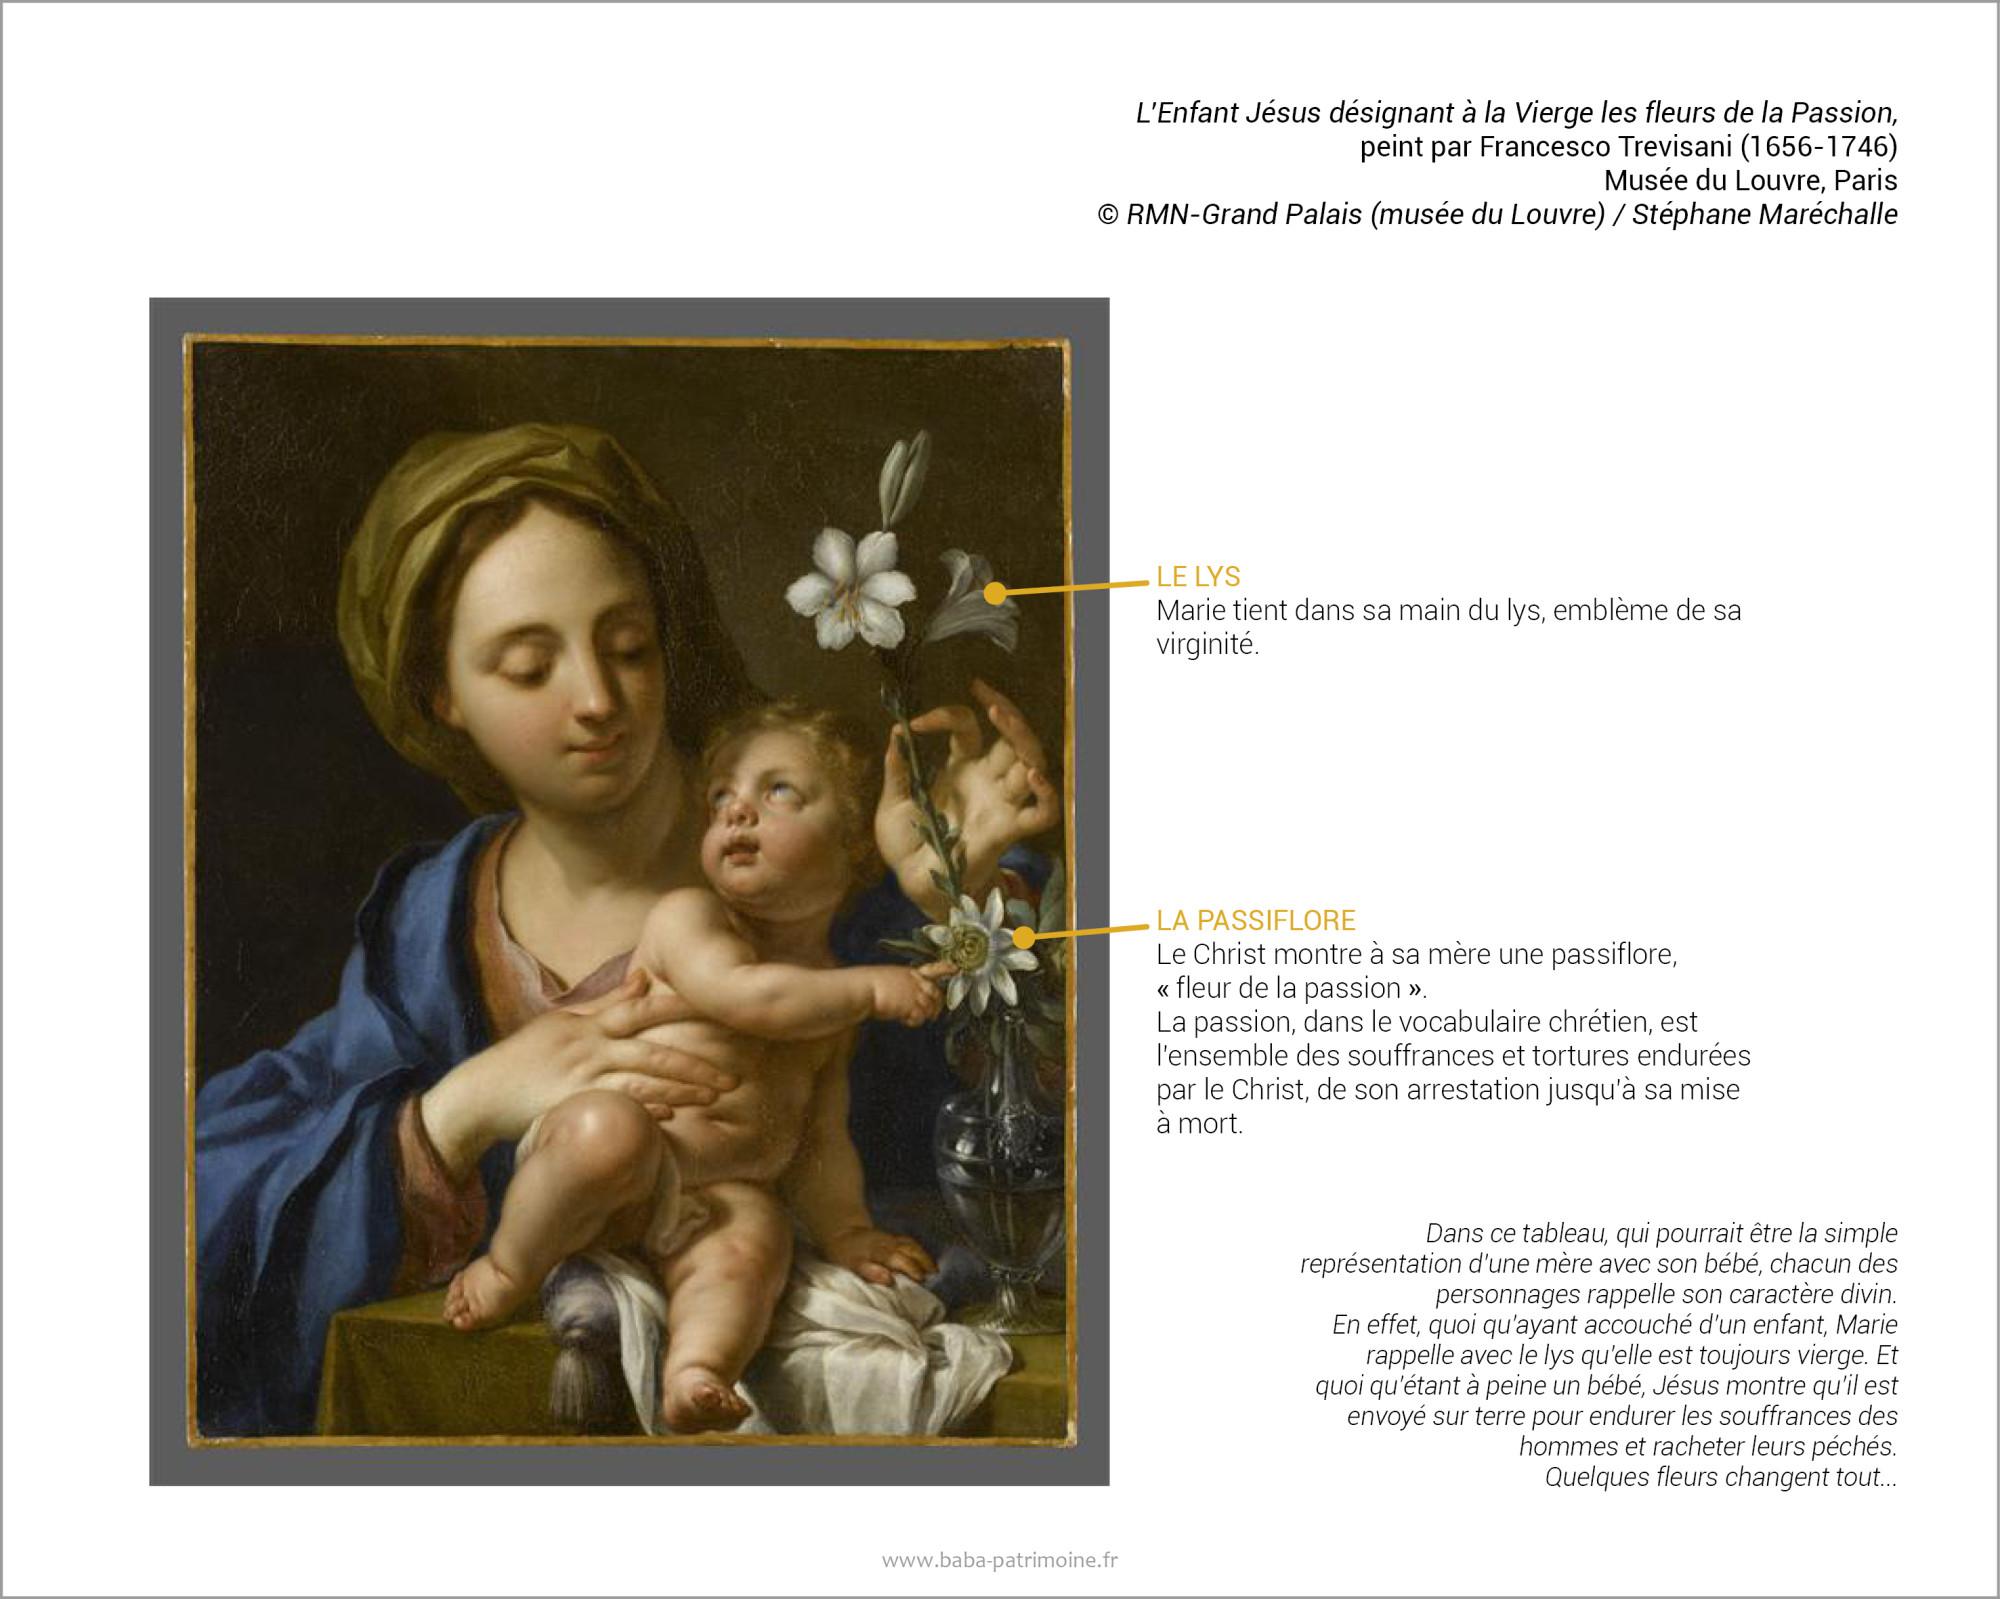 L'Enfant Jésus désignant à la Vierge les fleurs de la Passion, peint par Trevisani Francesco (1656-1746) Musée du Louvre, Paris. (C) RMN-Grand Palais (musée du Louvre) / Stéphane Maréchalle. Dans ce tableau, qui pourrait être la simple représentation d'une mère avec son bébé, chacun des personnages rappelle son caractère divin.  En effet, quoi qu'ayant accouché d'un enfant, Marie rappelle avec le lys qu'elle est toujours vierge. Et quoi qu'étant à peine un bébé, Jésus montre, avec la passiflore, qu'il est envoyé sur terre pour endurer les souffrances des hommes et racheter leurs péchés. Quelques fleurs changent tout...